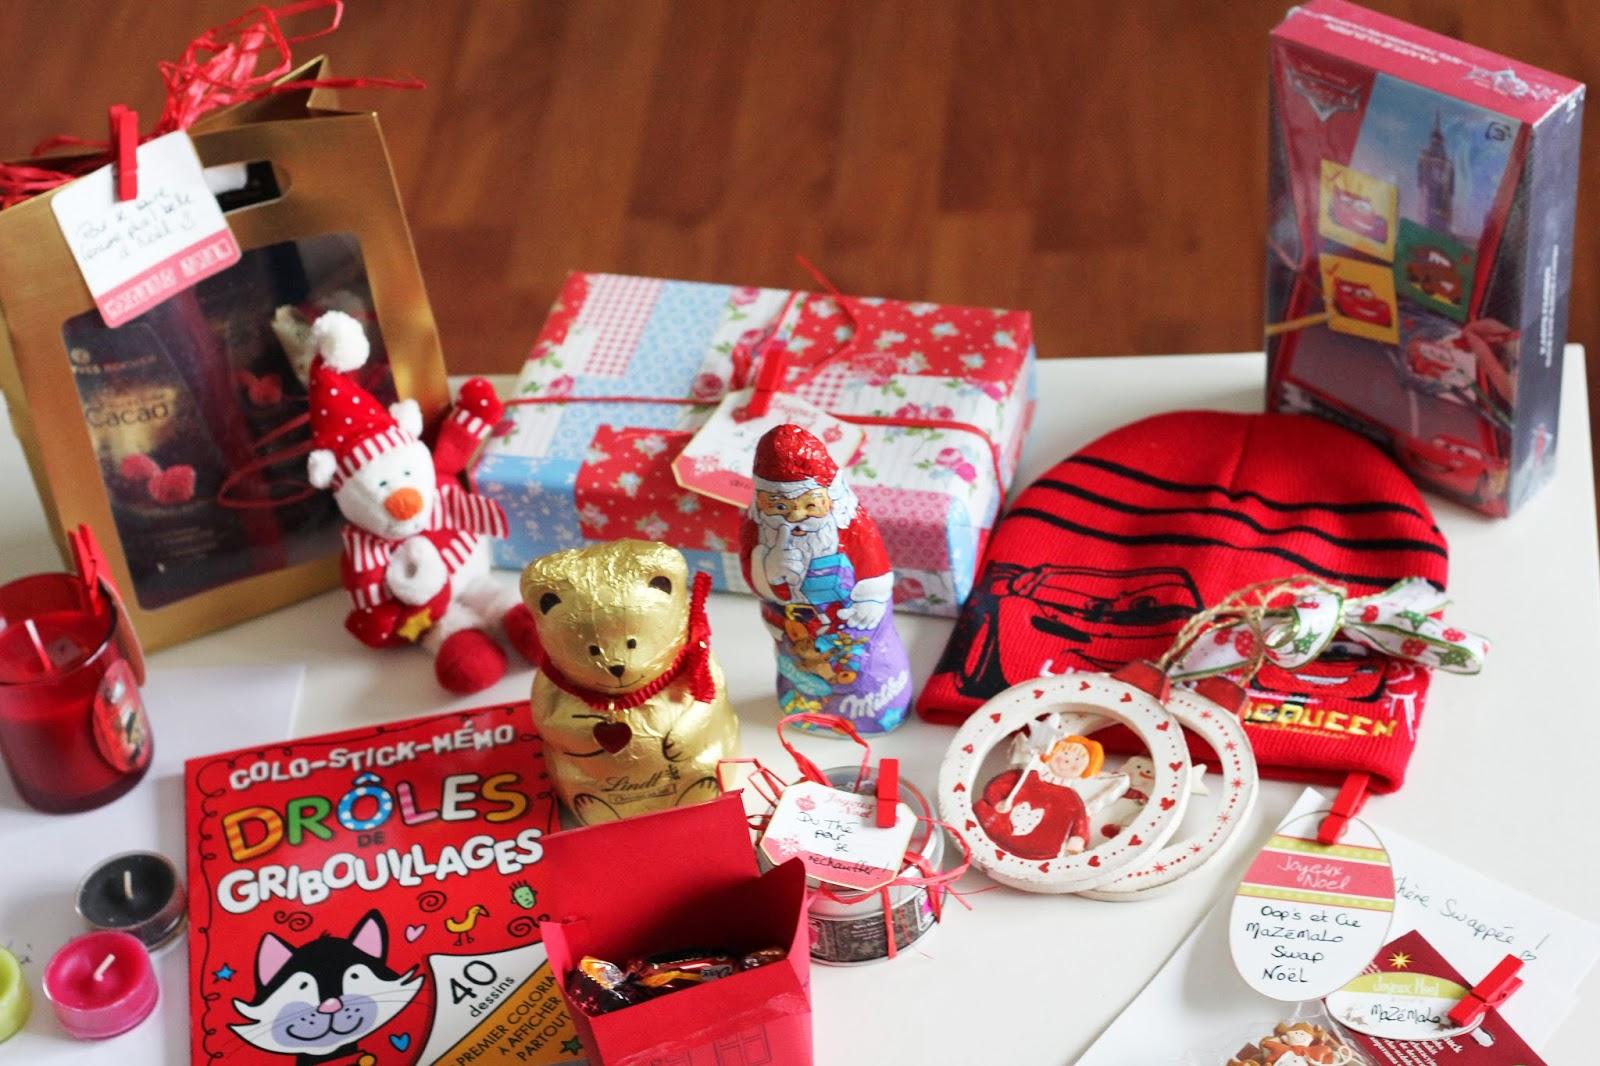 Favoris Oops & Cie: Swap de Noël, l'ouverture du colis AX37